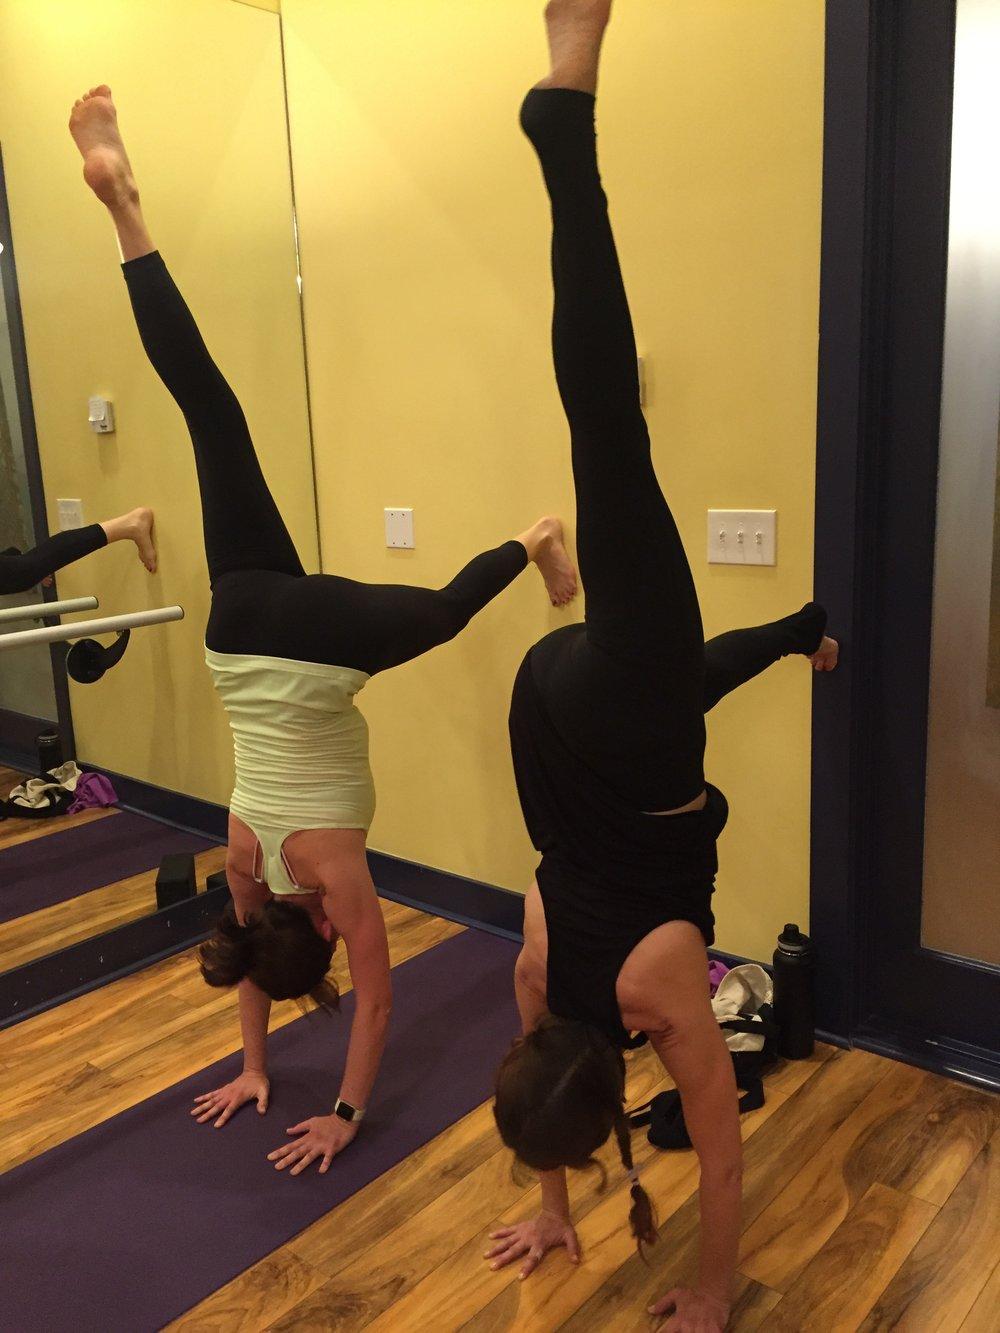 Handstand at wall.jpeg